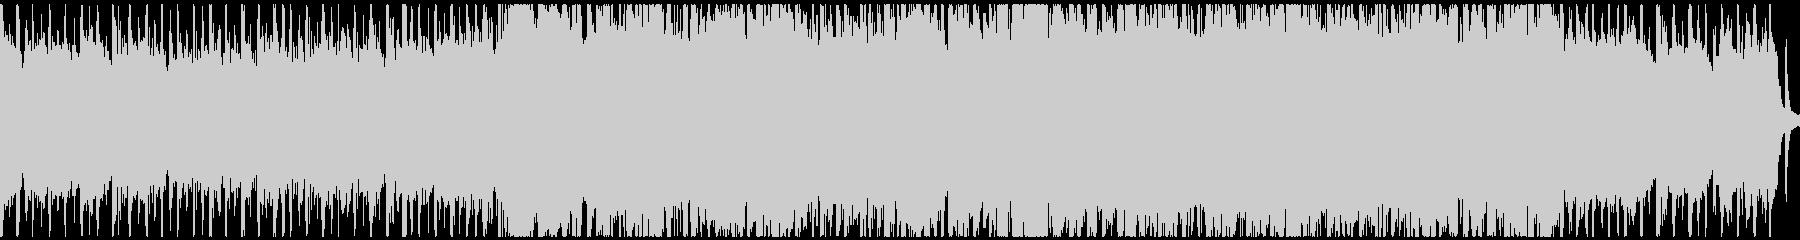 タイムアタック等明るく急かされるポップ曲の未再生の波形